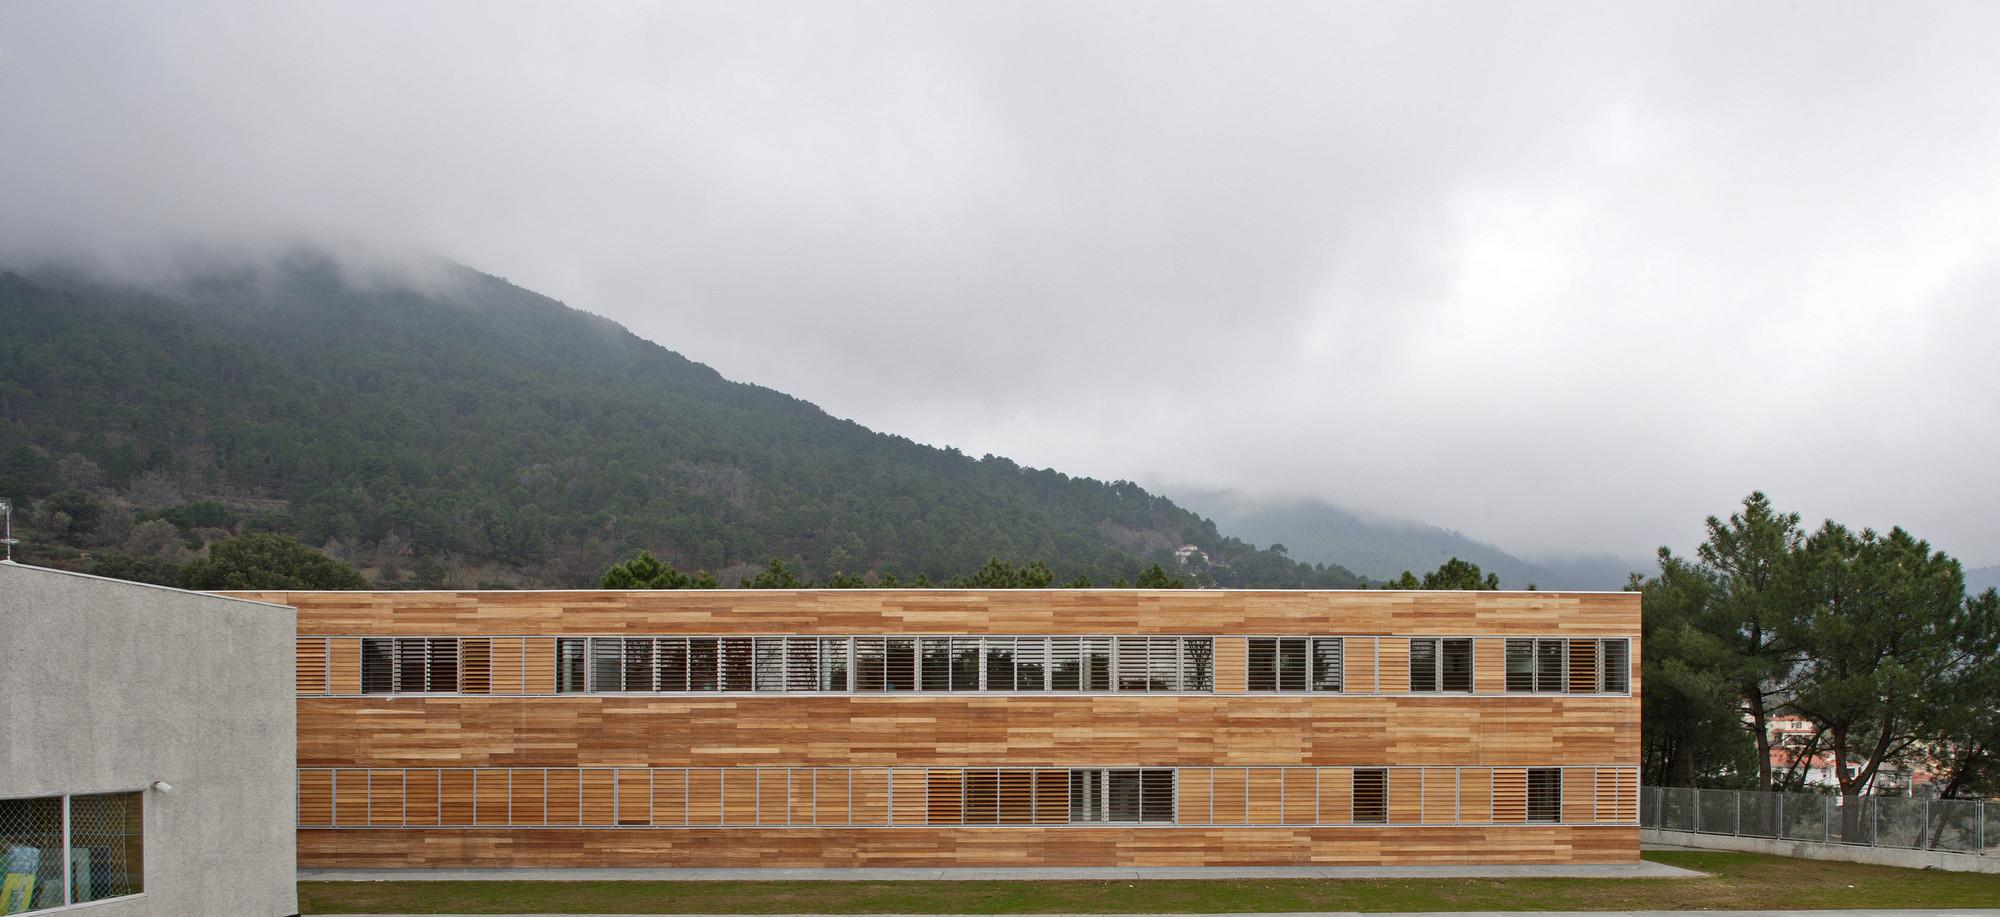 Colegio en Piedralaves / BmasC Arquitectos, © Manuel de Guzman